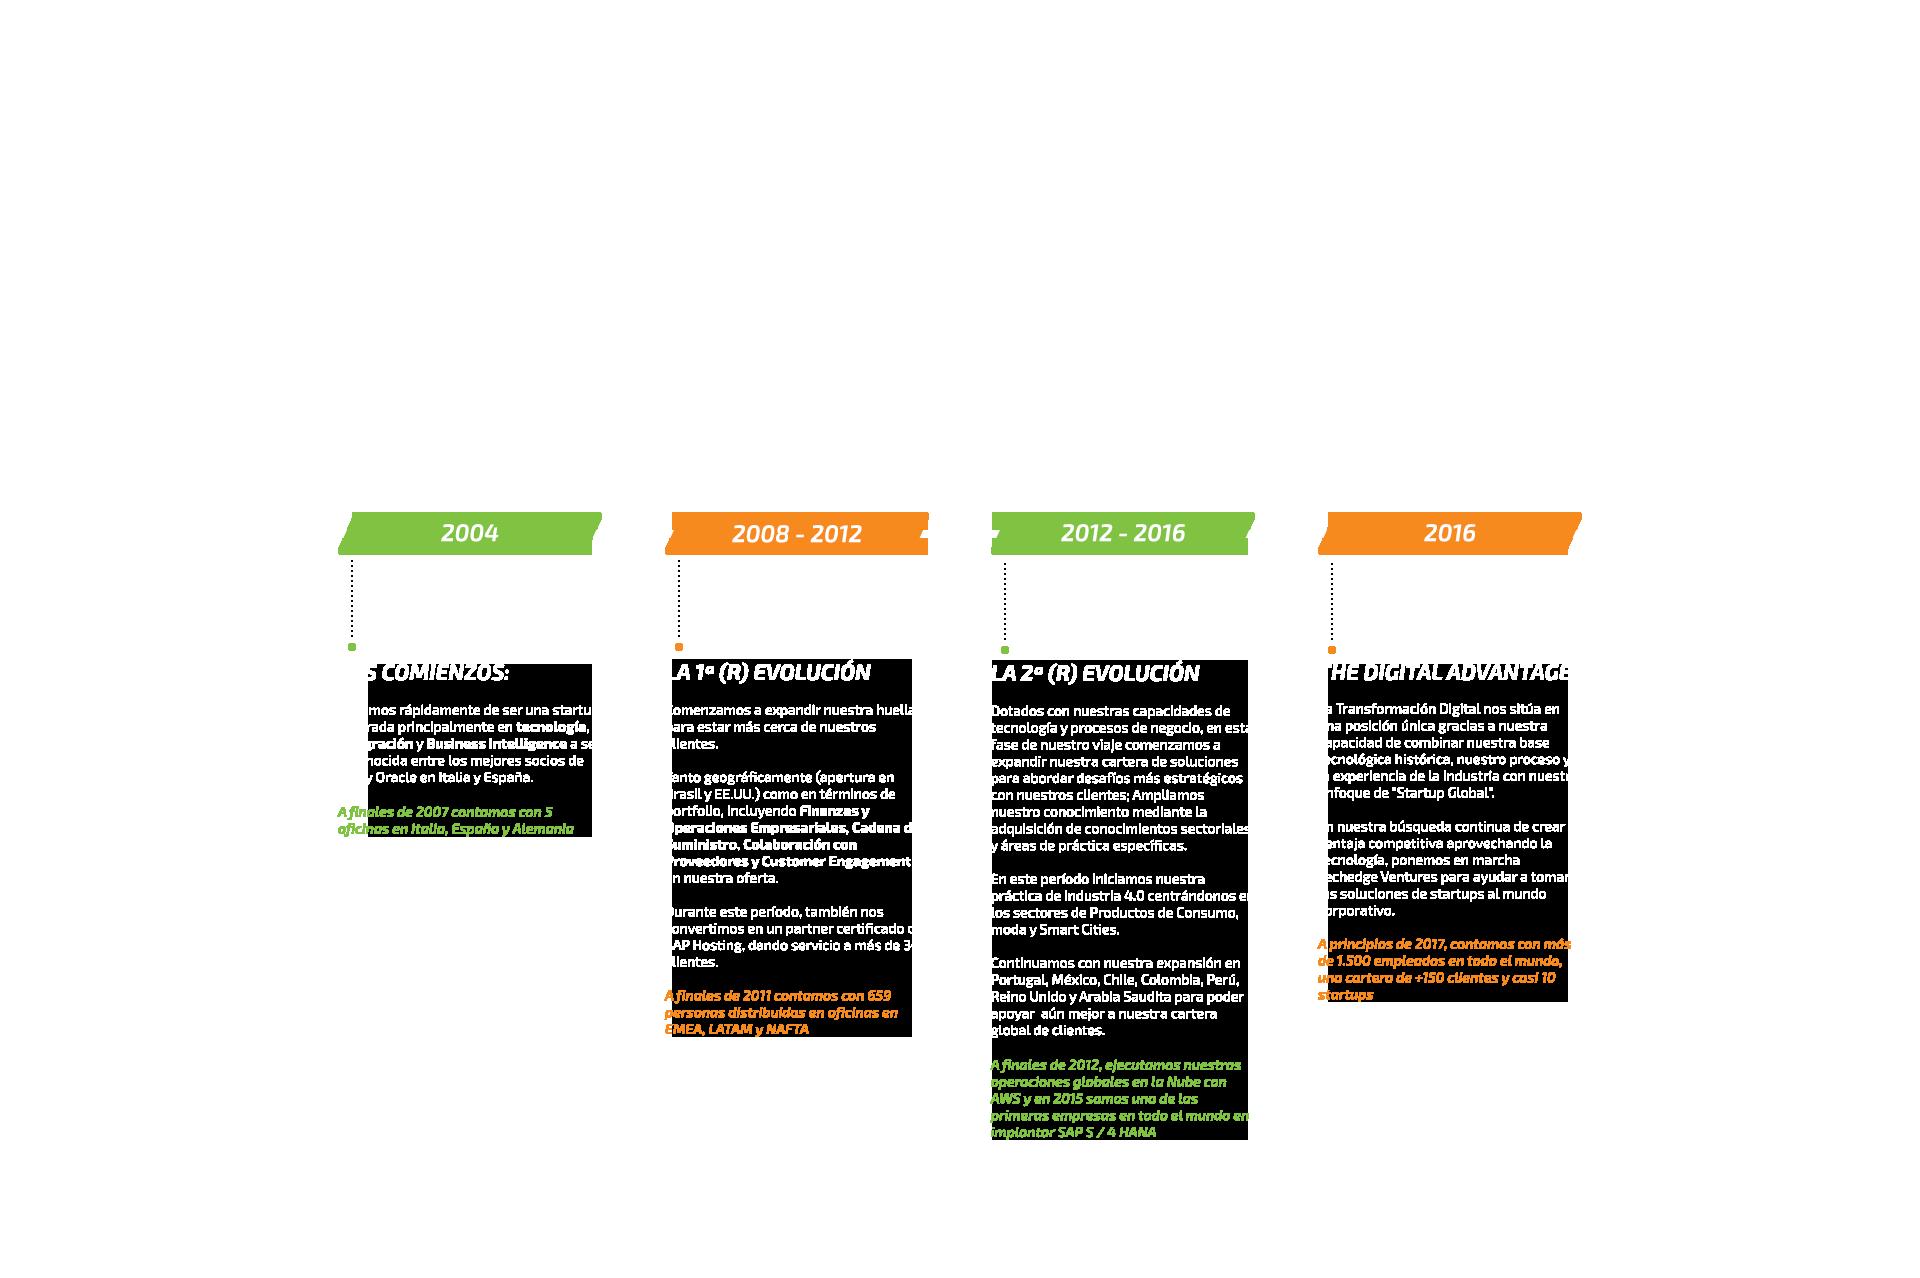 Nuestra historia: una historia de agilidad y transformación digital